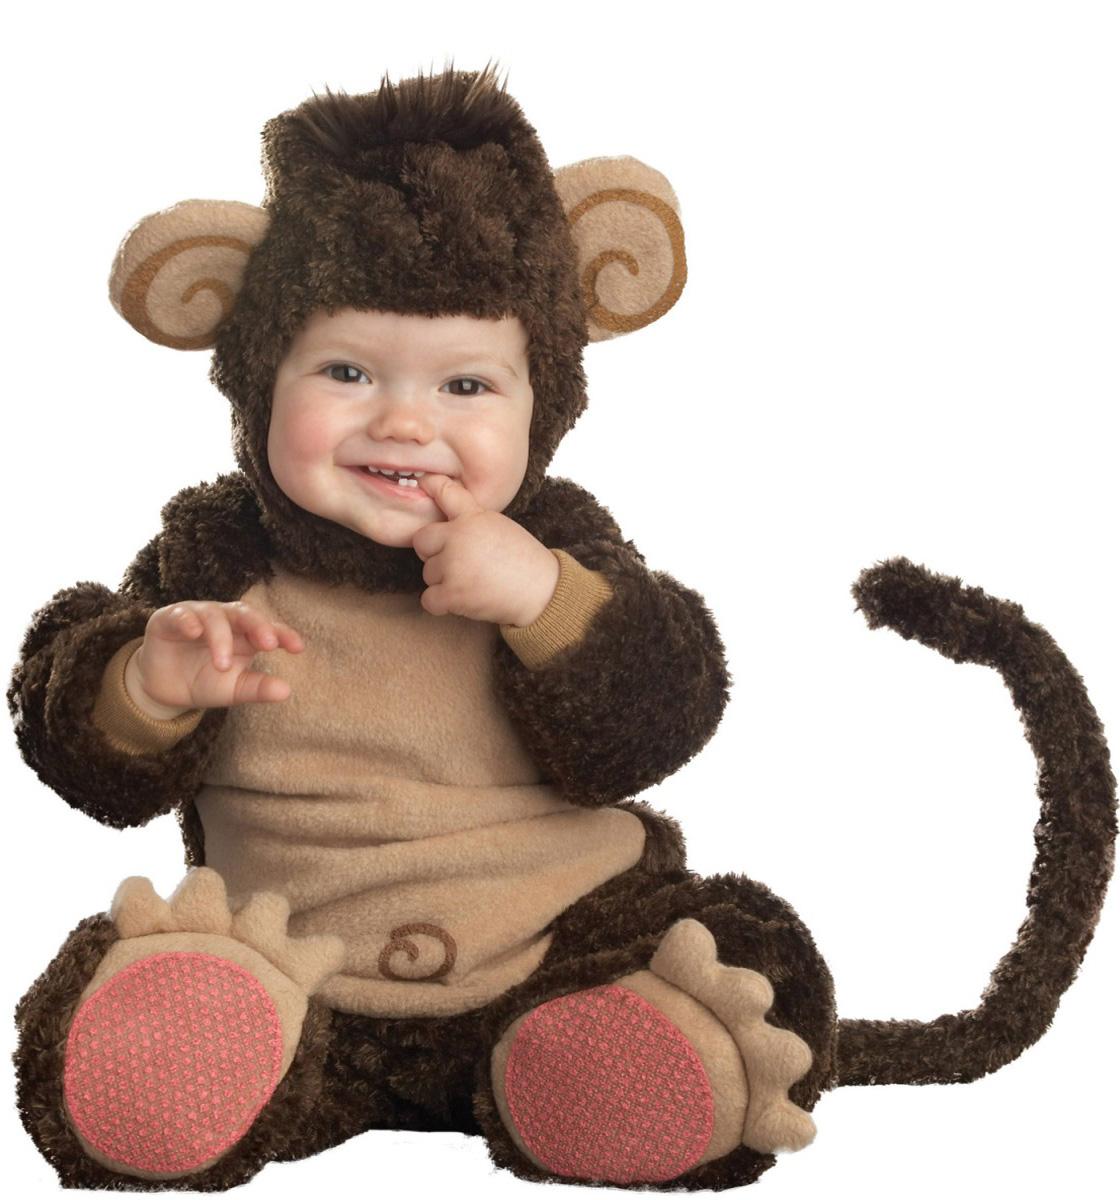 Карнавальный костюм обезьяны | Заказ Деда Мороза. Вызов ... - photo#26